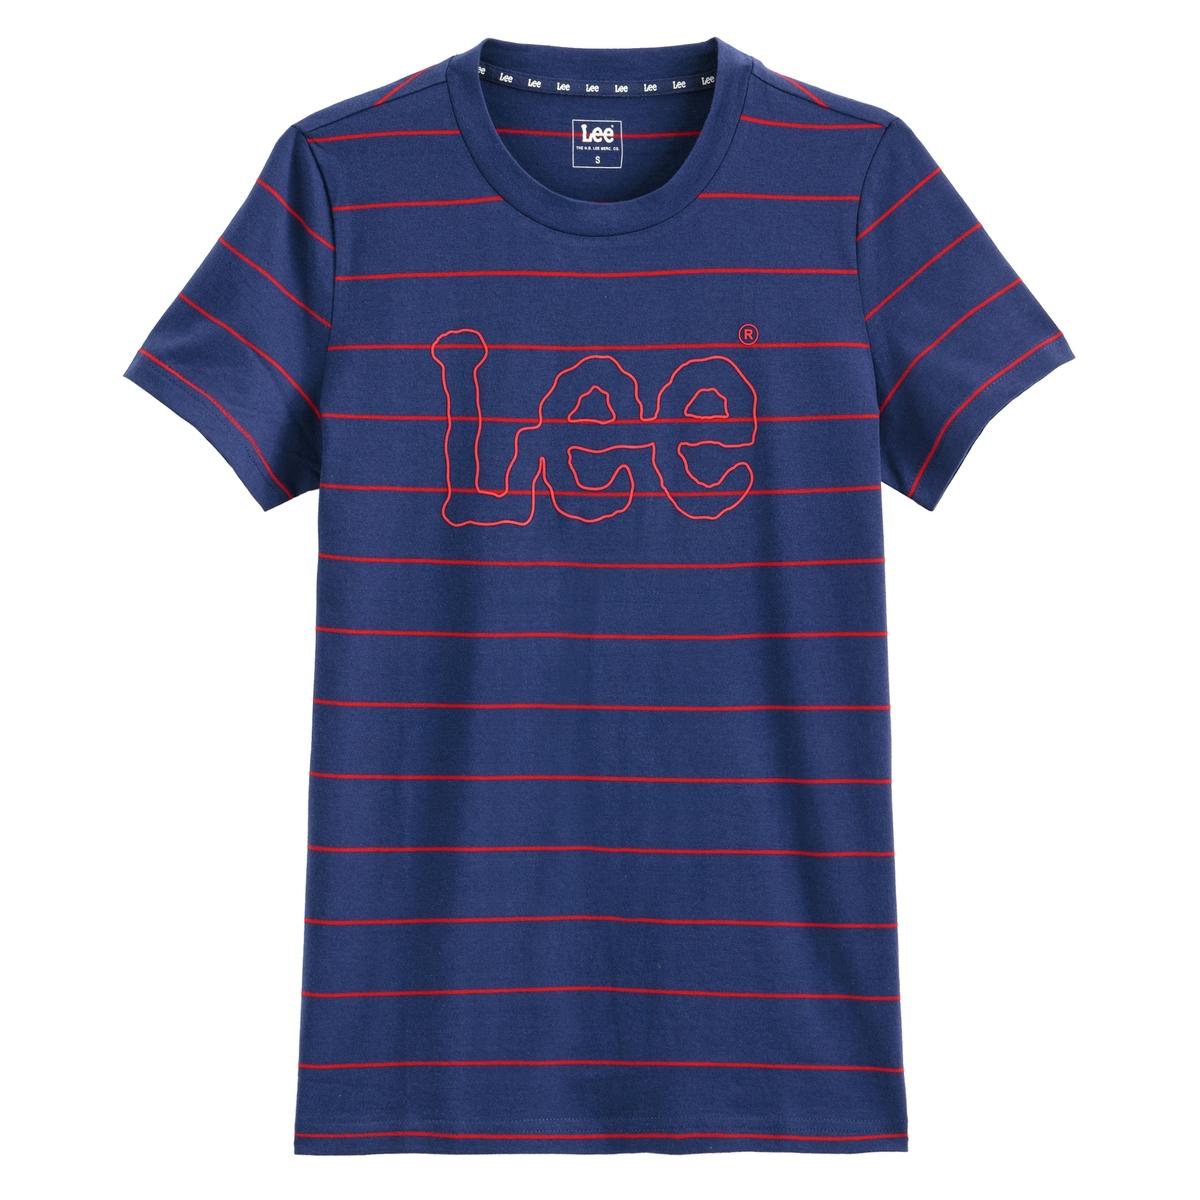 Imagen principal de producto de Camiseta con cuello redondo Striped Teel - Lee